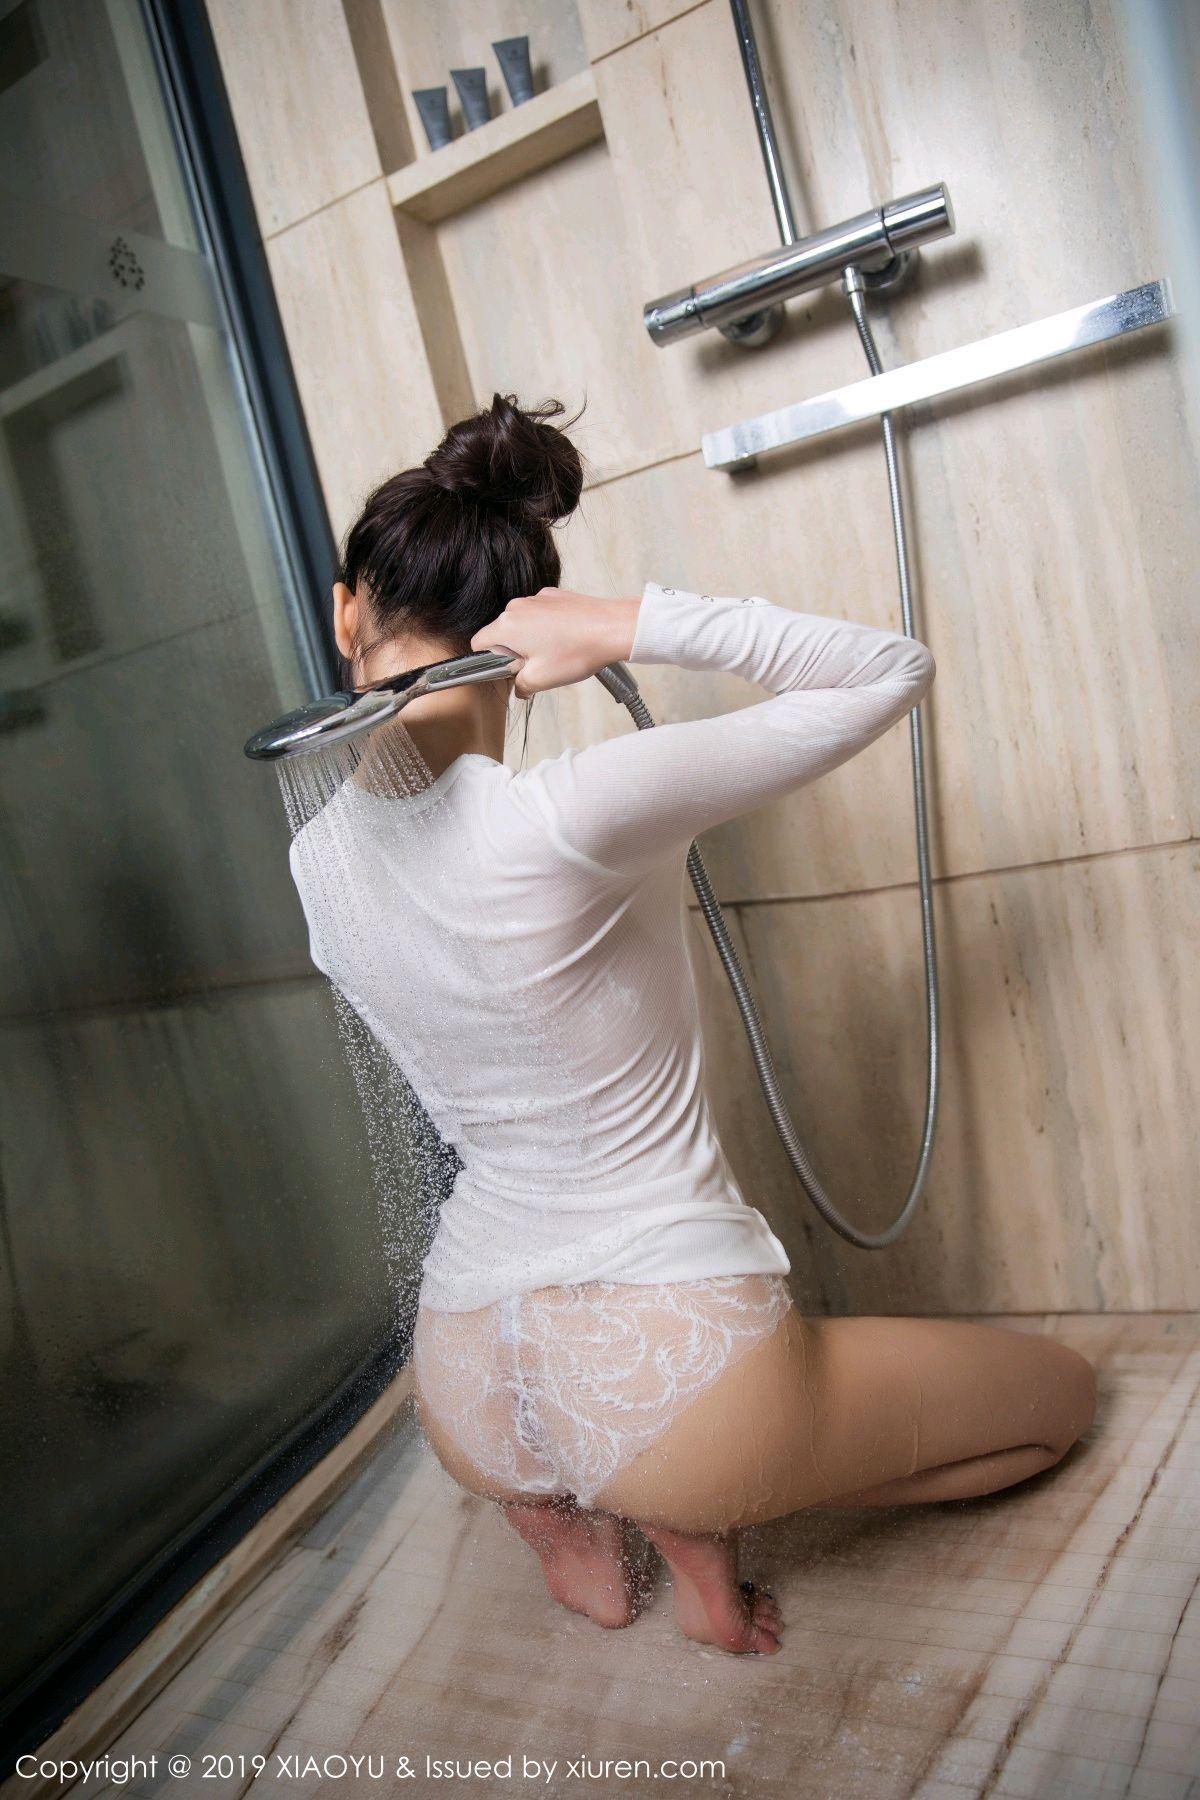 [XiaoYu] Vol.025 Yang Chen Chen 29P, Bathroom, Wet, XiaoYu, Yang Chen Chen